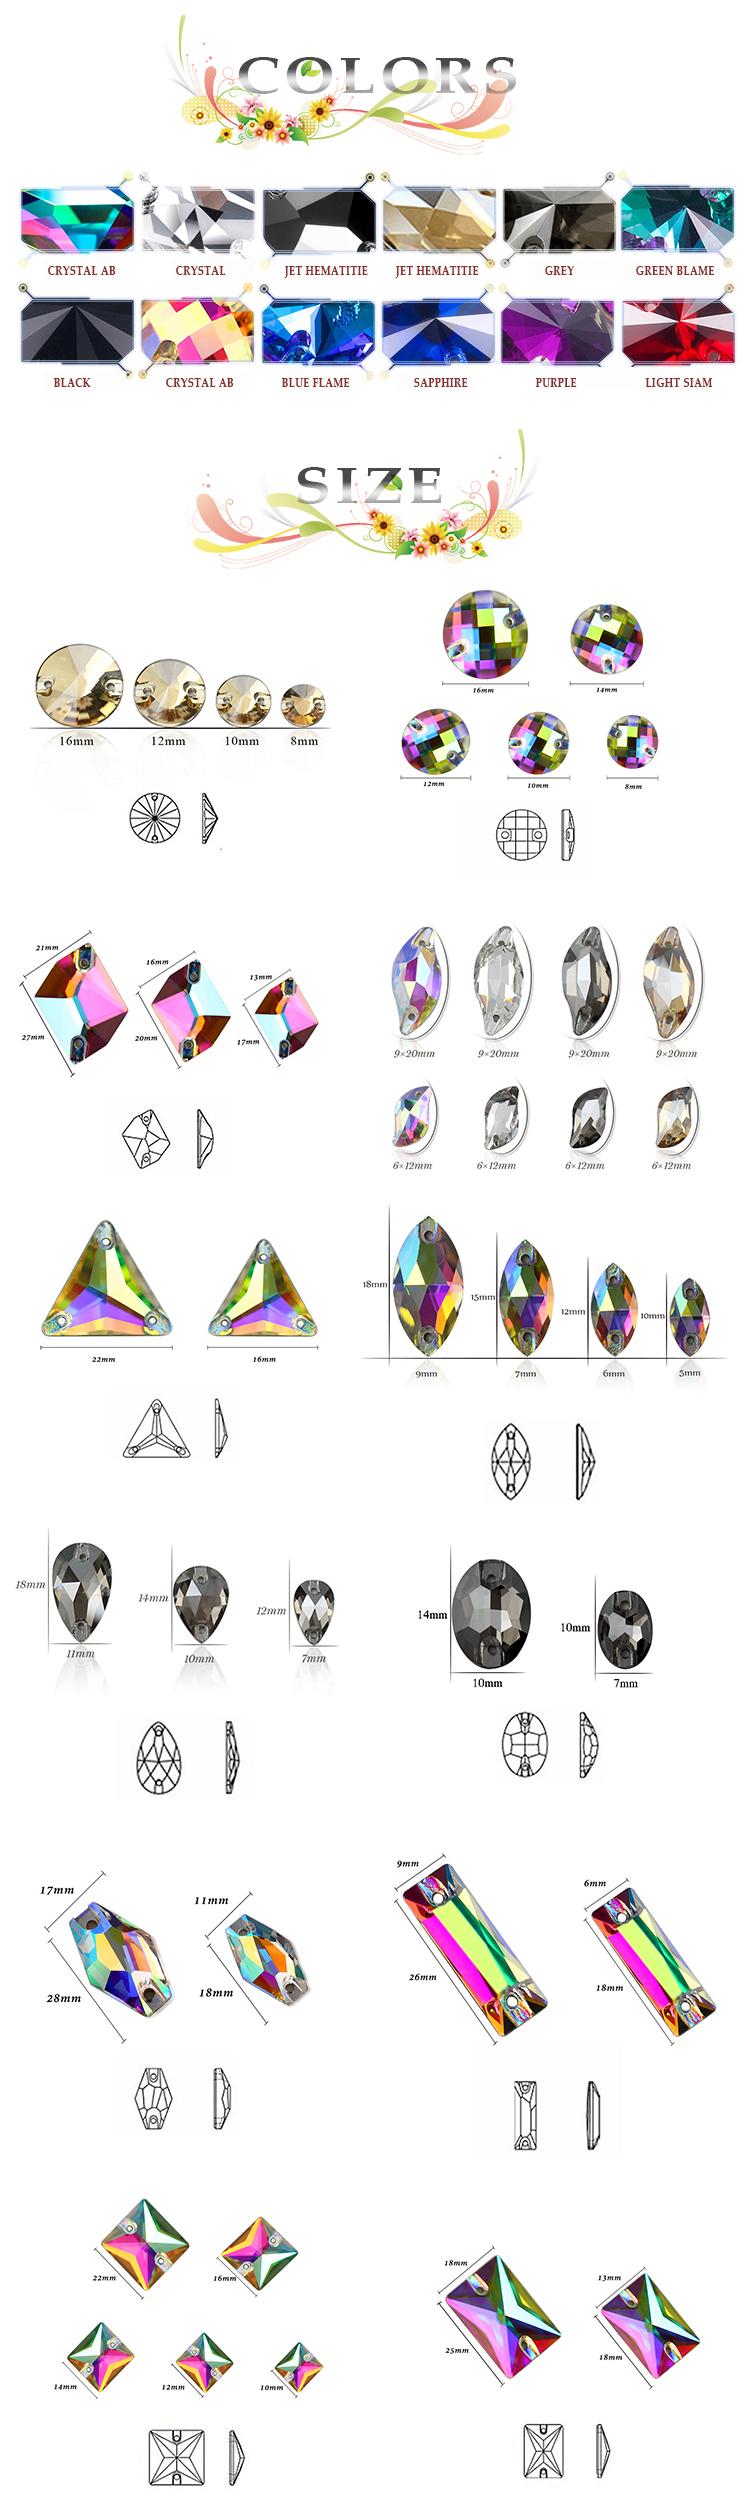 Haut Triangle 16mm 22mm Cristal AB Coudre Sur Pierre 3 Trous En Verre Strass Pour Cheveux Vêtements À Coudre sur vêtements